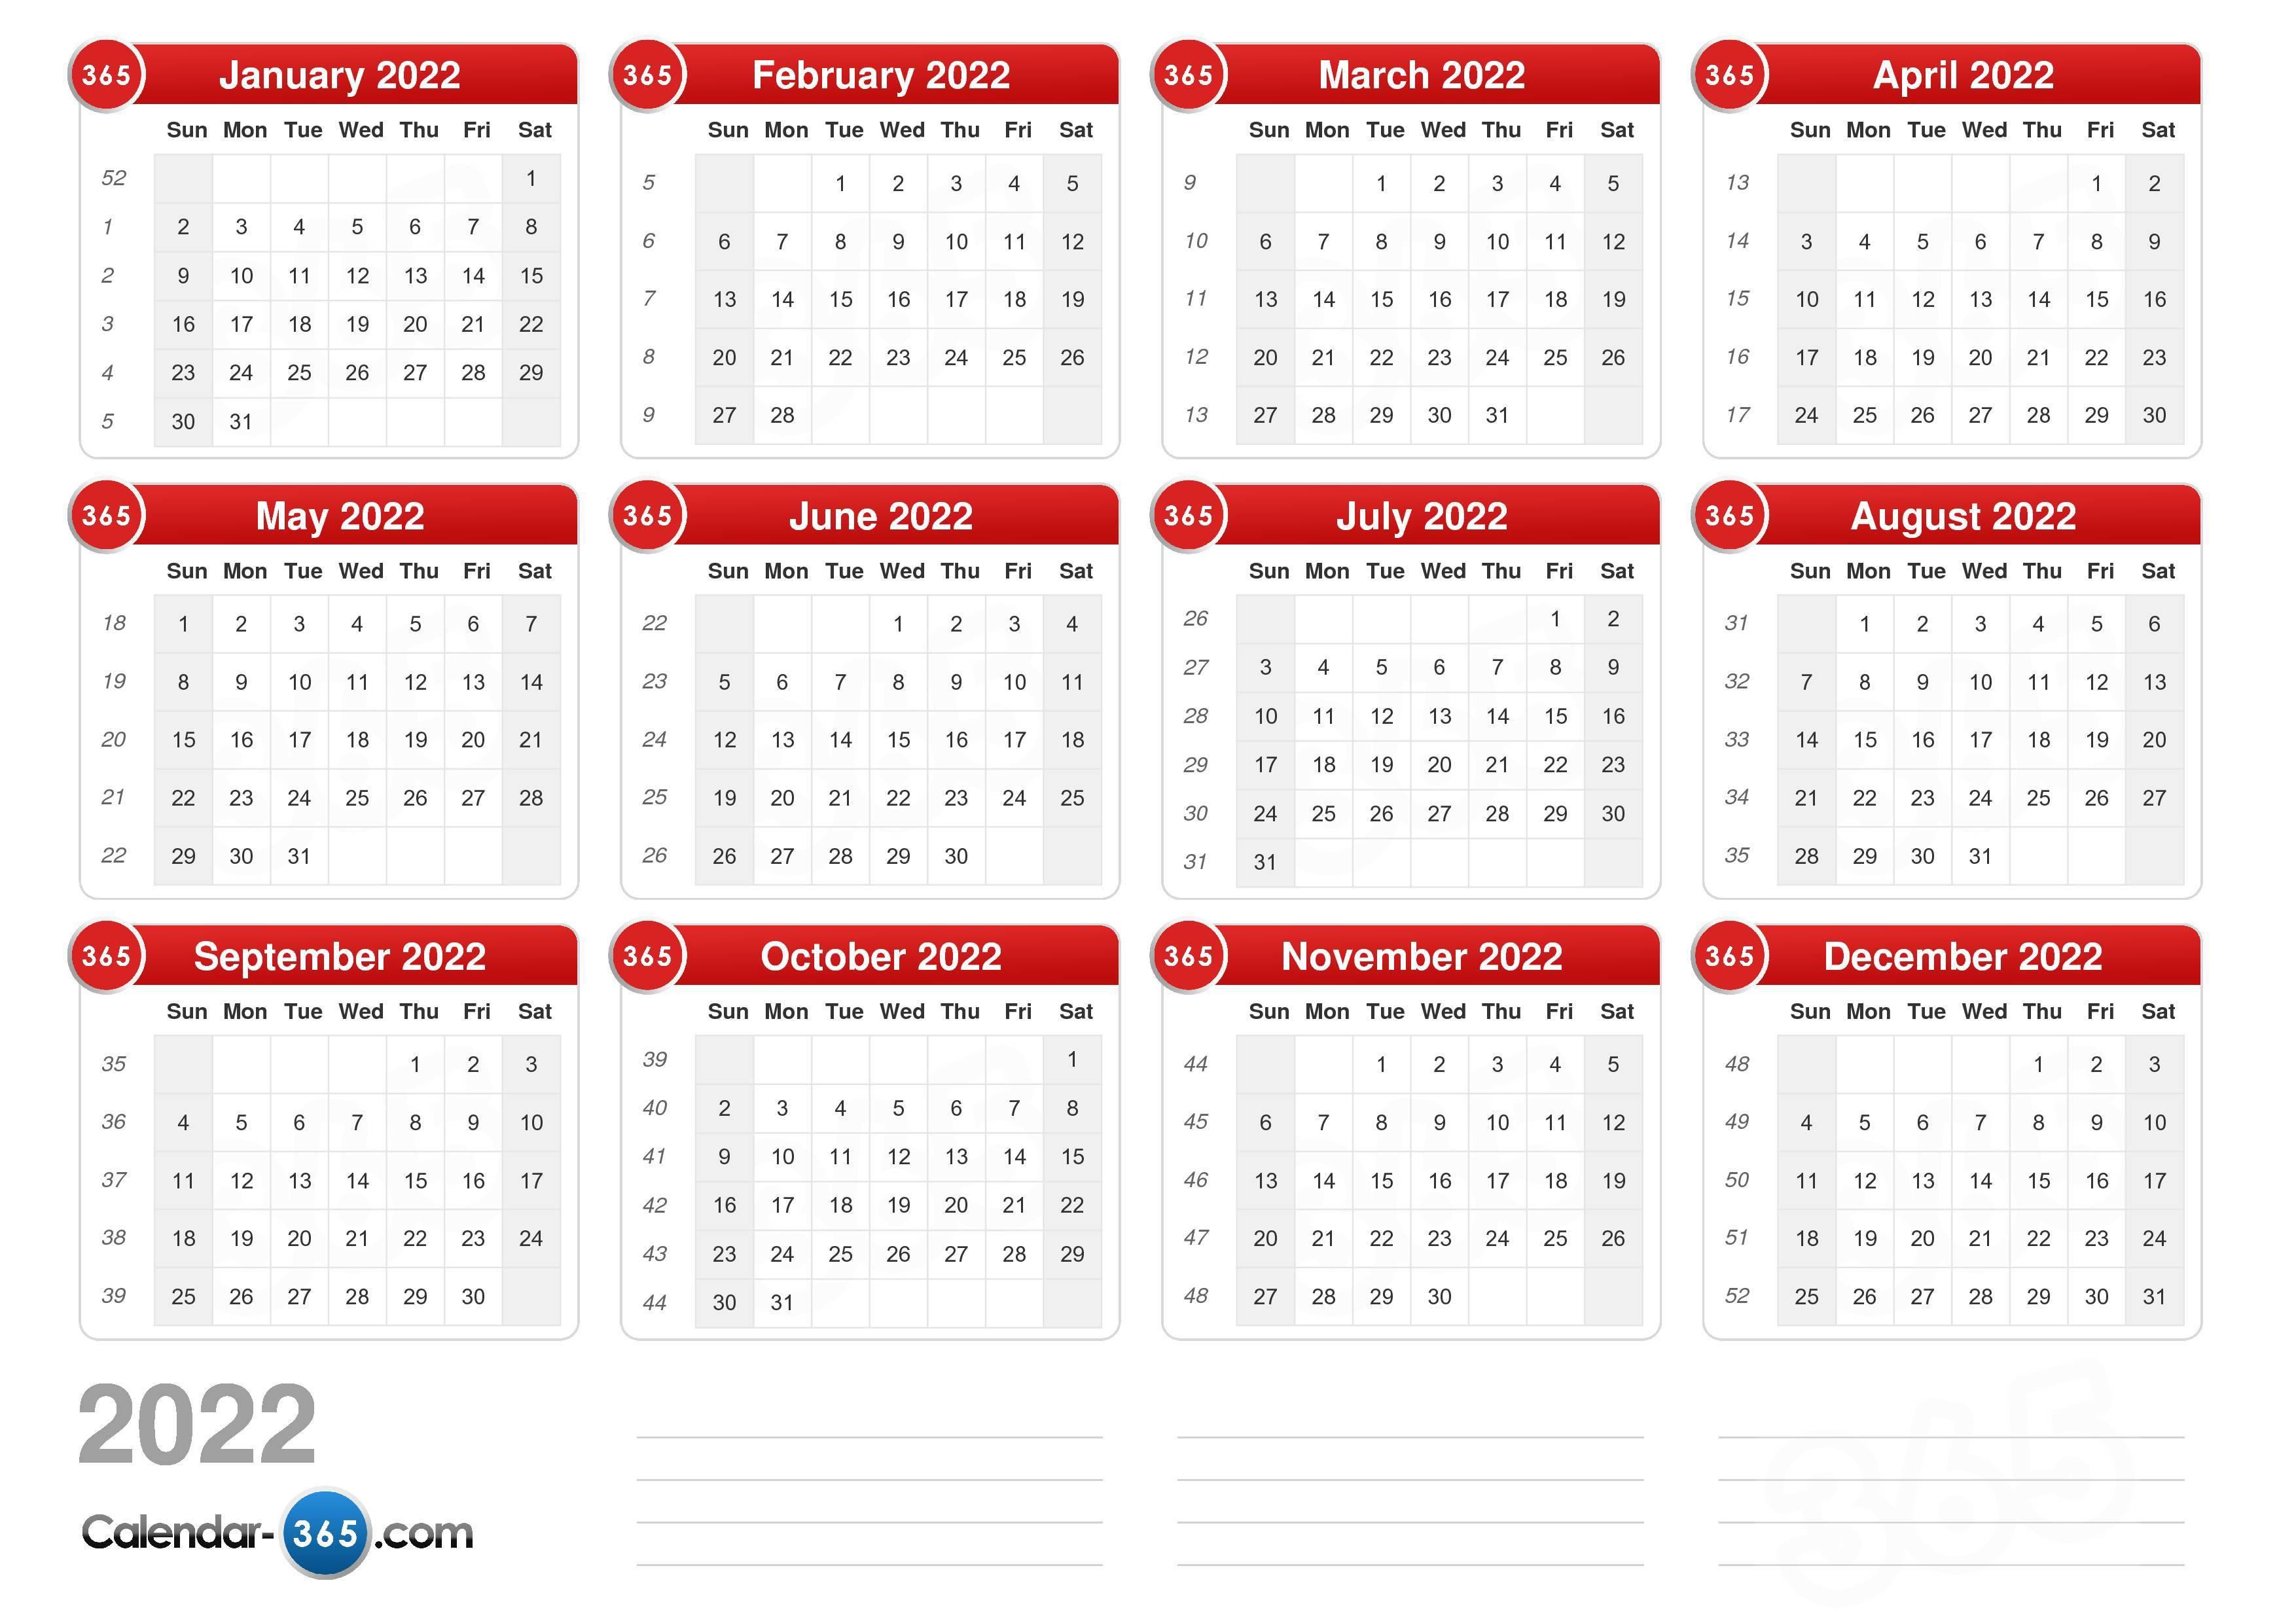 2022 Calendar By Month.2022 Calendar